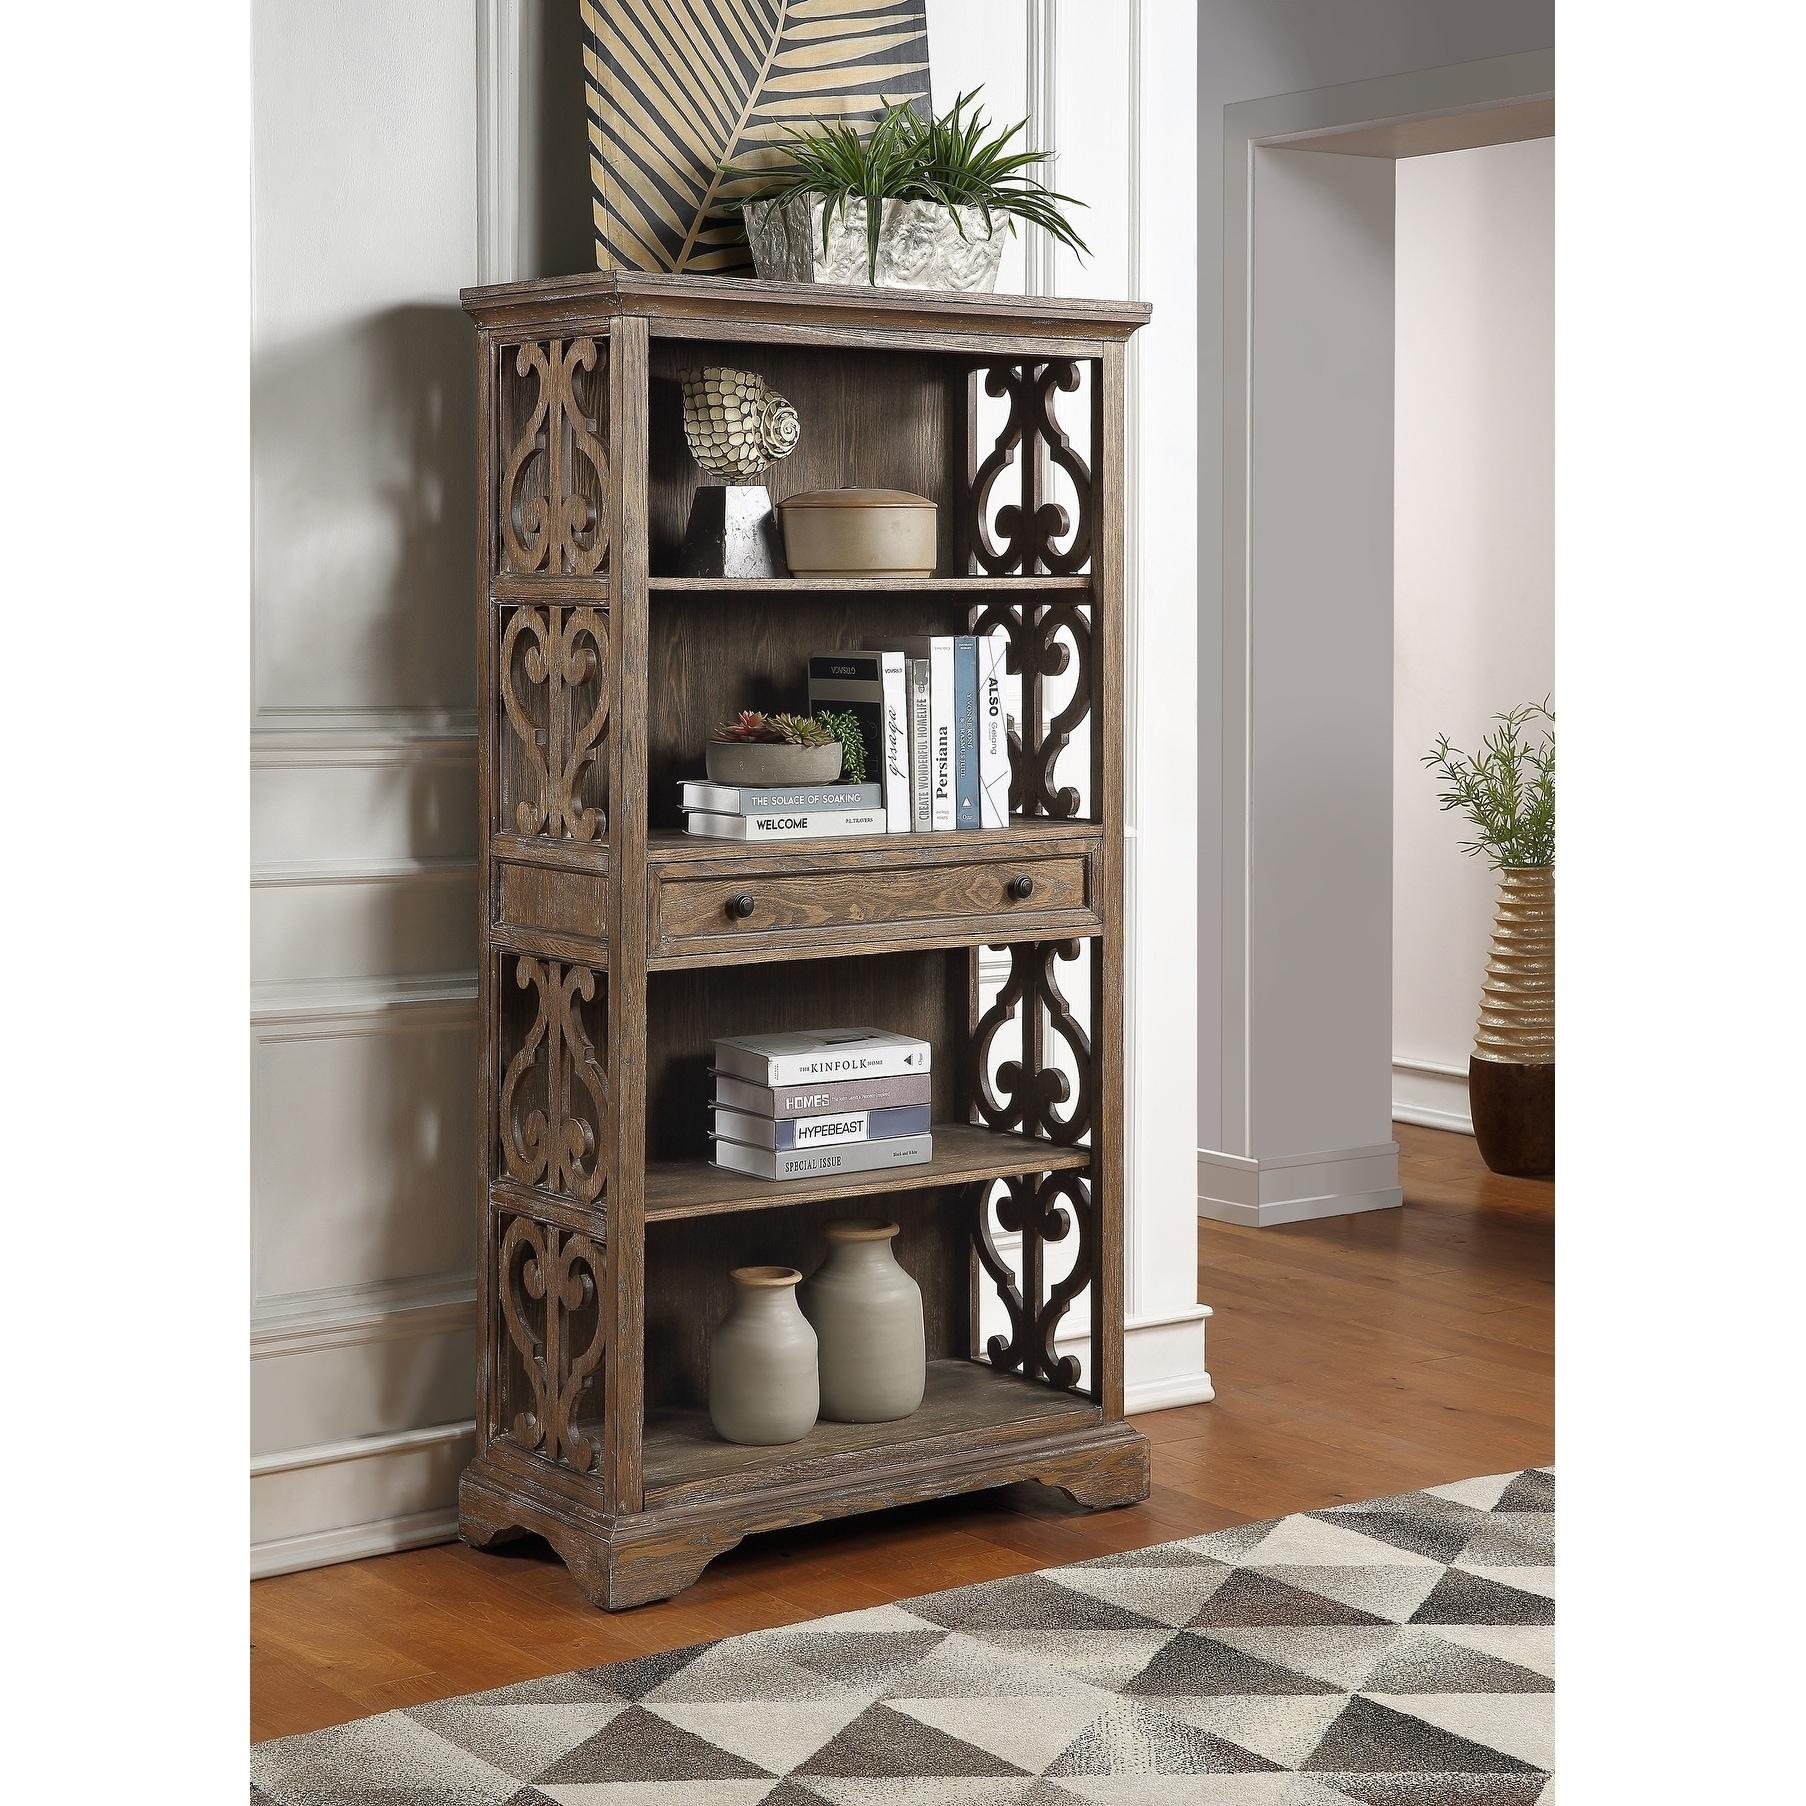 Buy Shabby Chic Bookshelves Bookcases Online At Overstock